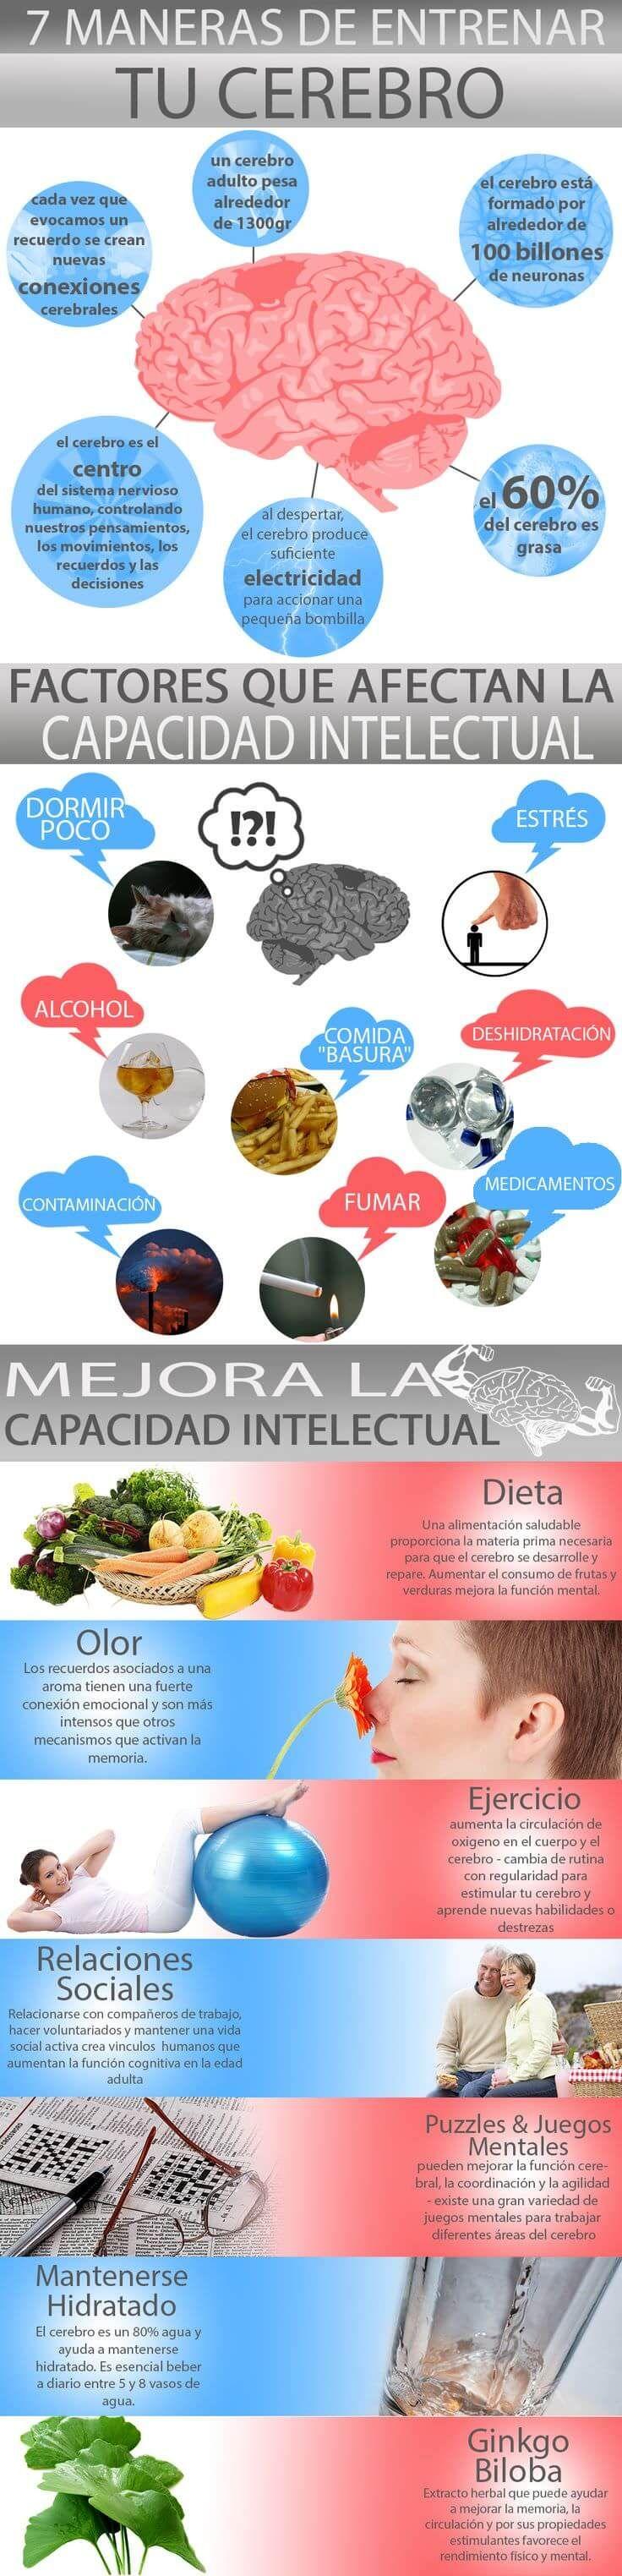 Factores que afectan la capacidad intelectual